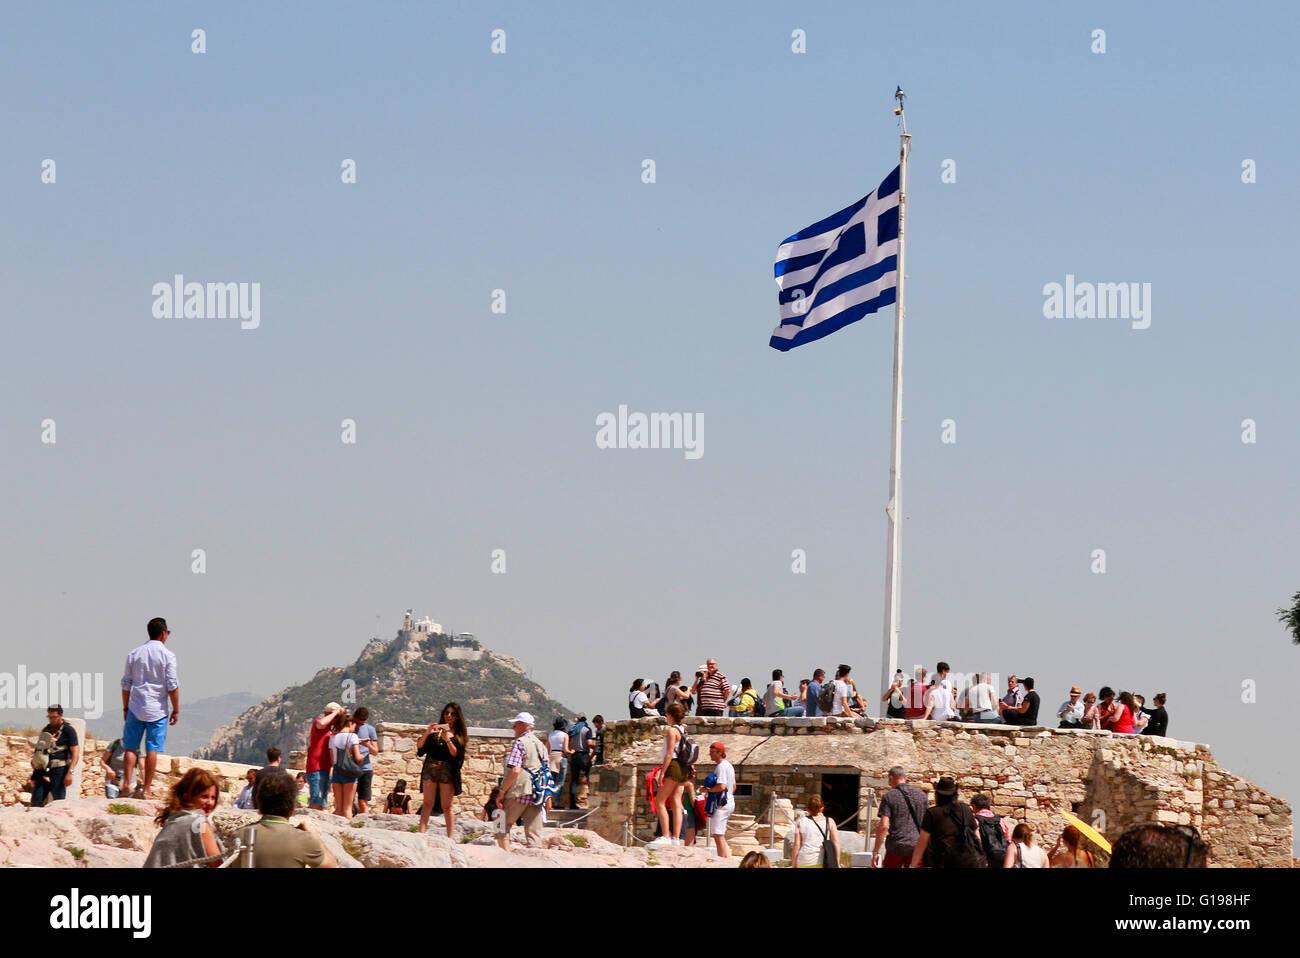 griechische Fahne, Lykabettus/ Lykavittos Huegel von der Akropolis aus gesehen, Athen, Griechenland. - Stock Image